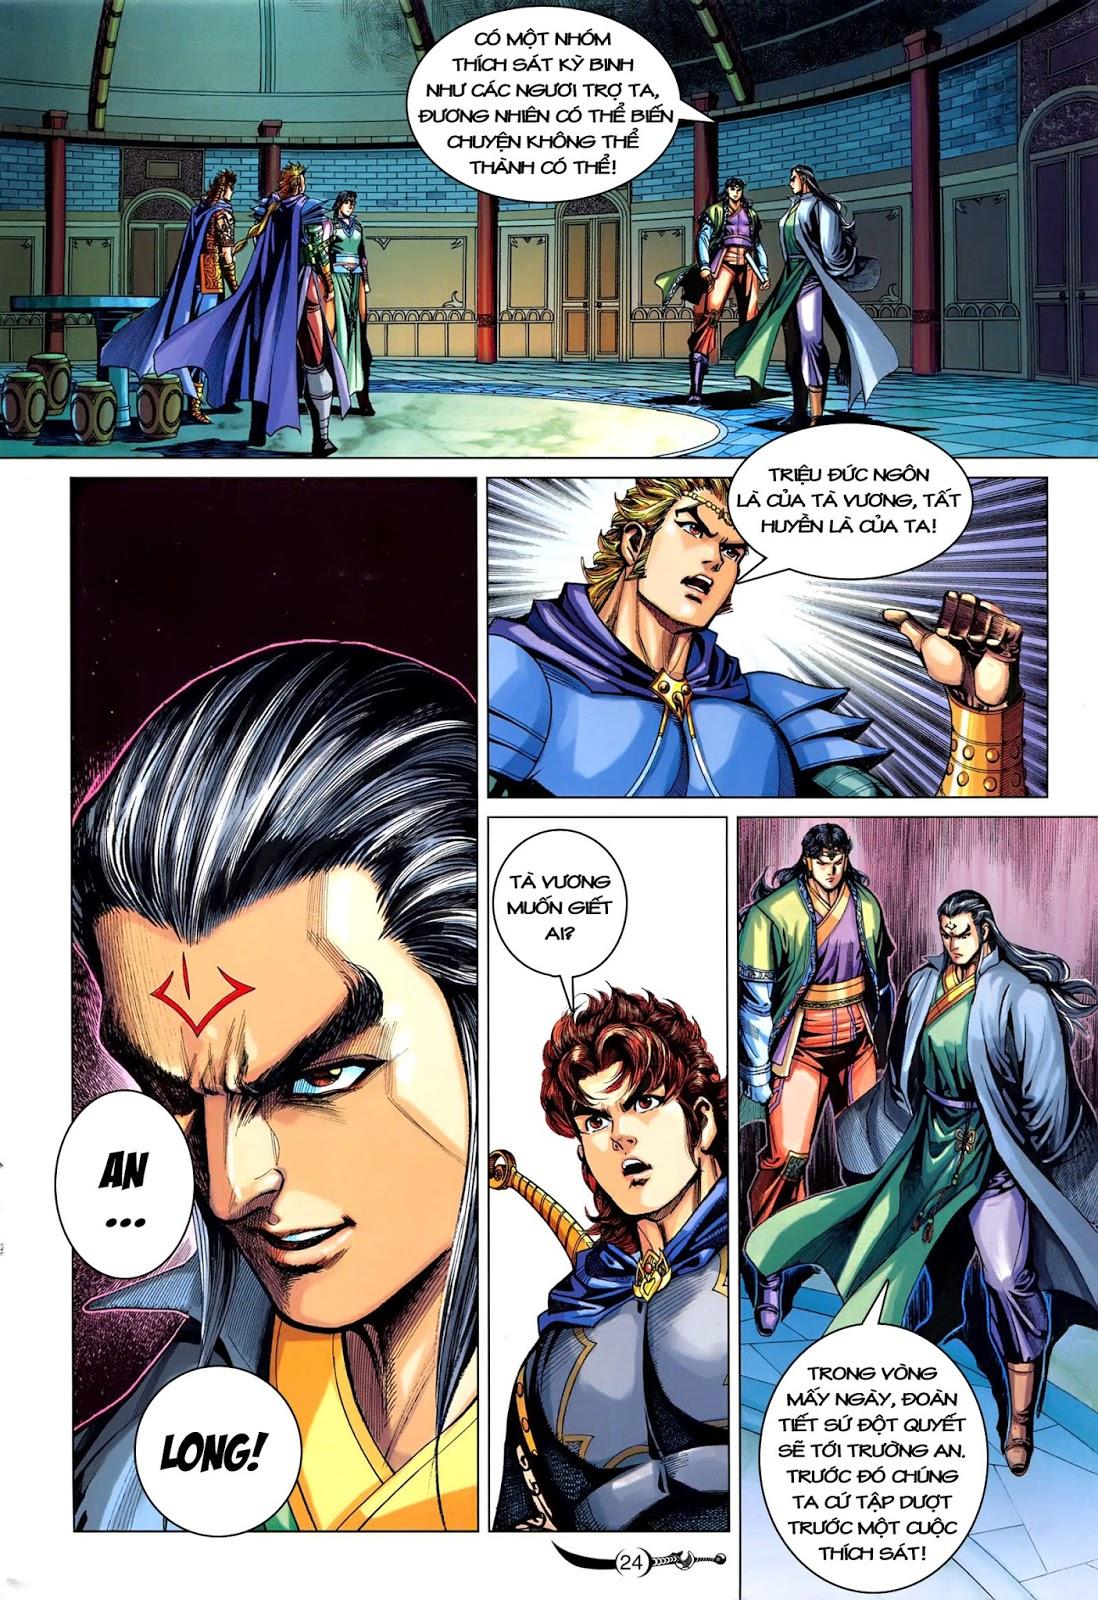 Đại Đường Song Long Truyện chap 216 - Trang 26